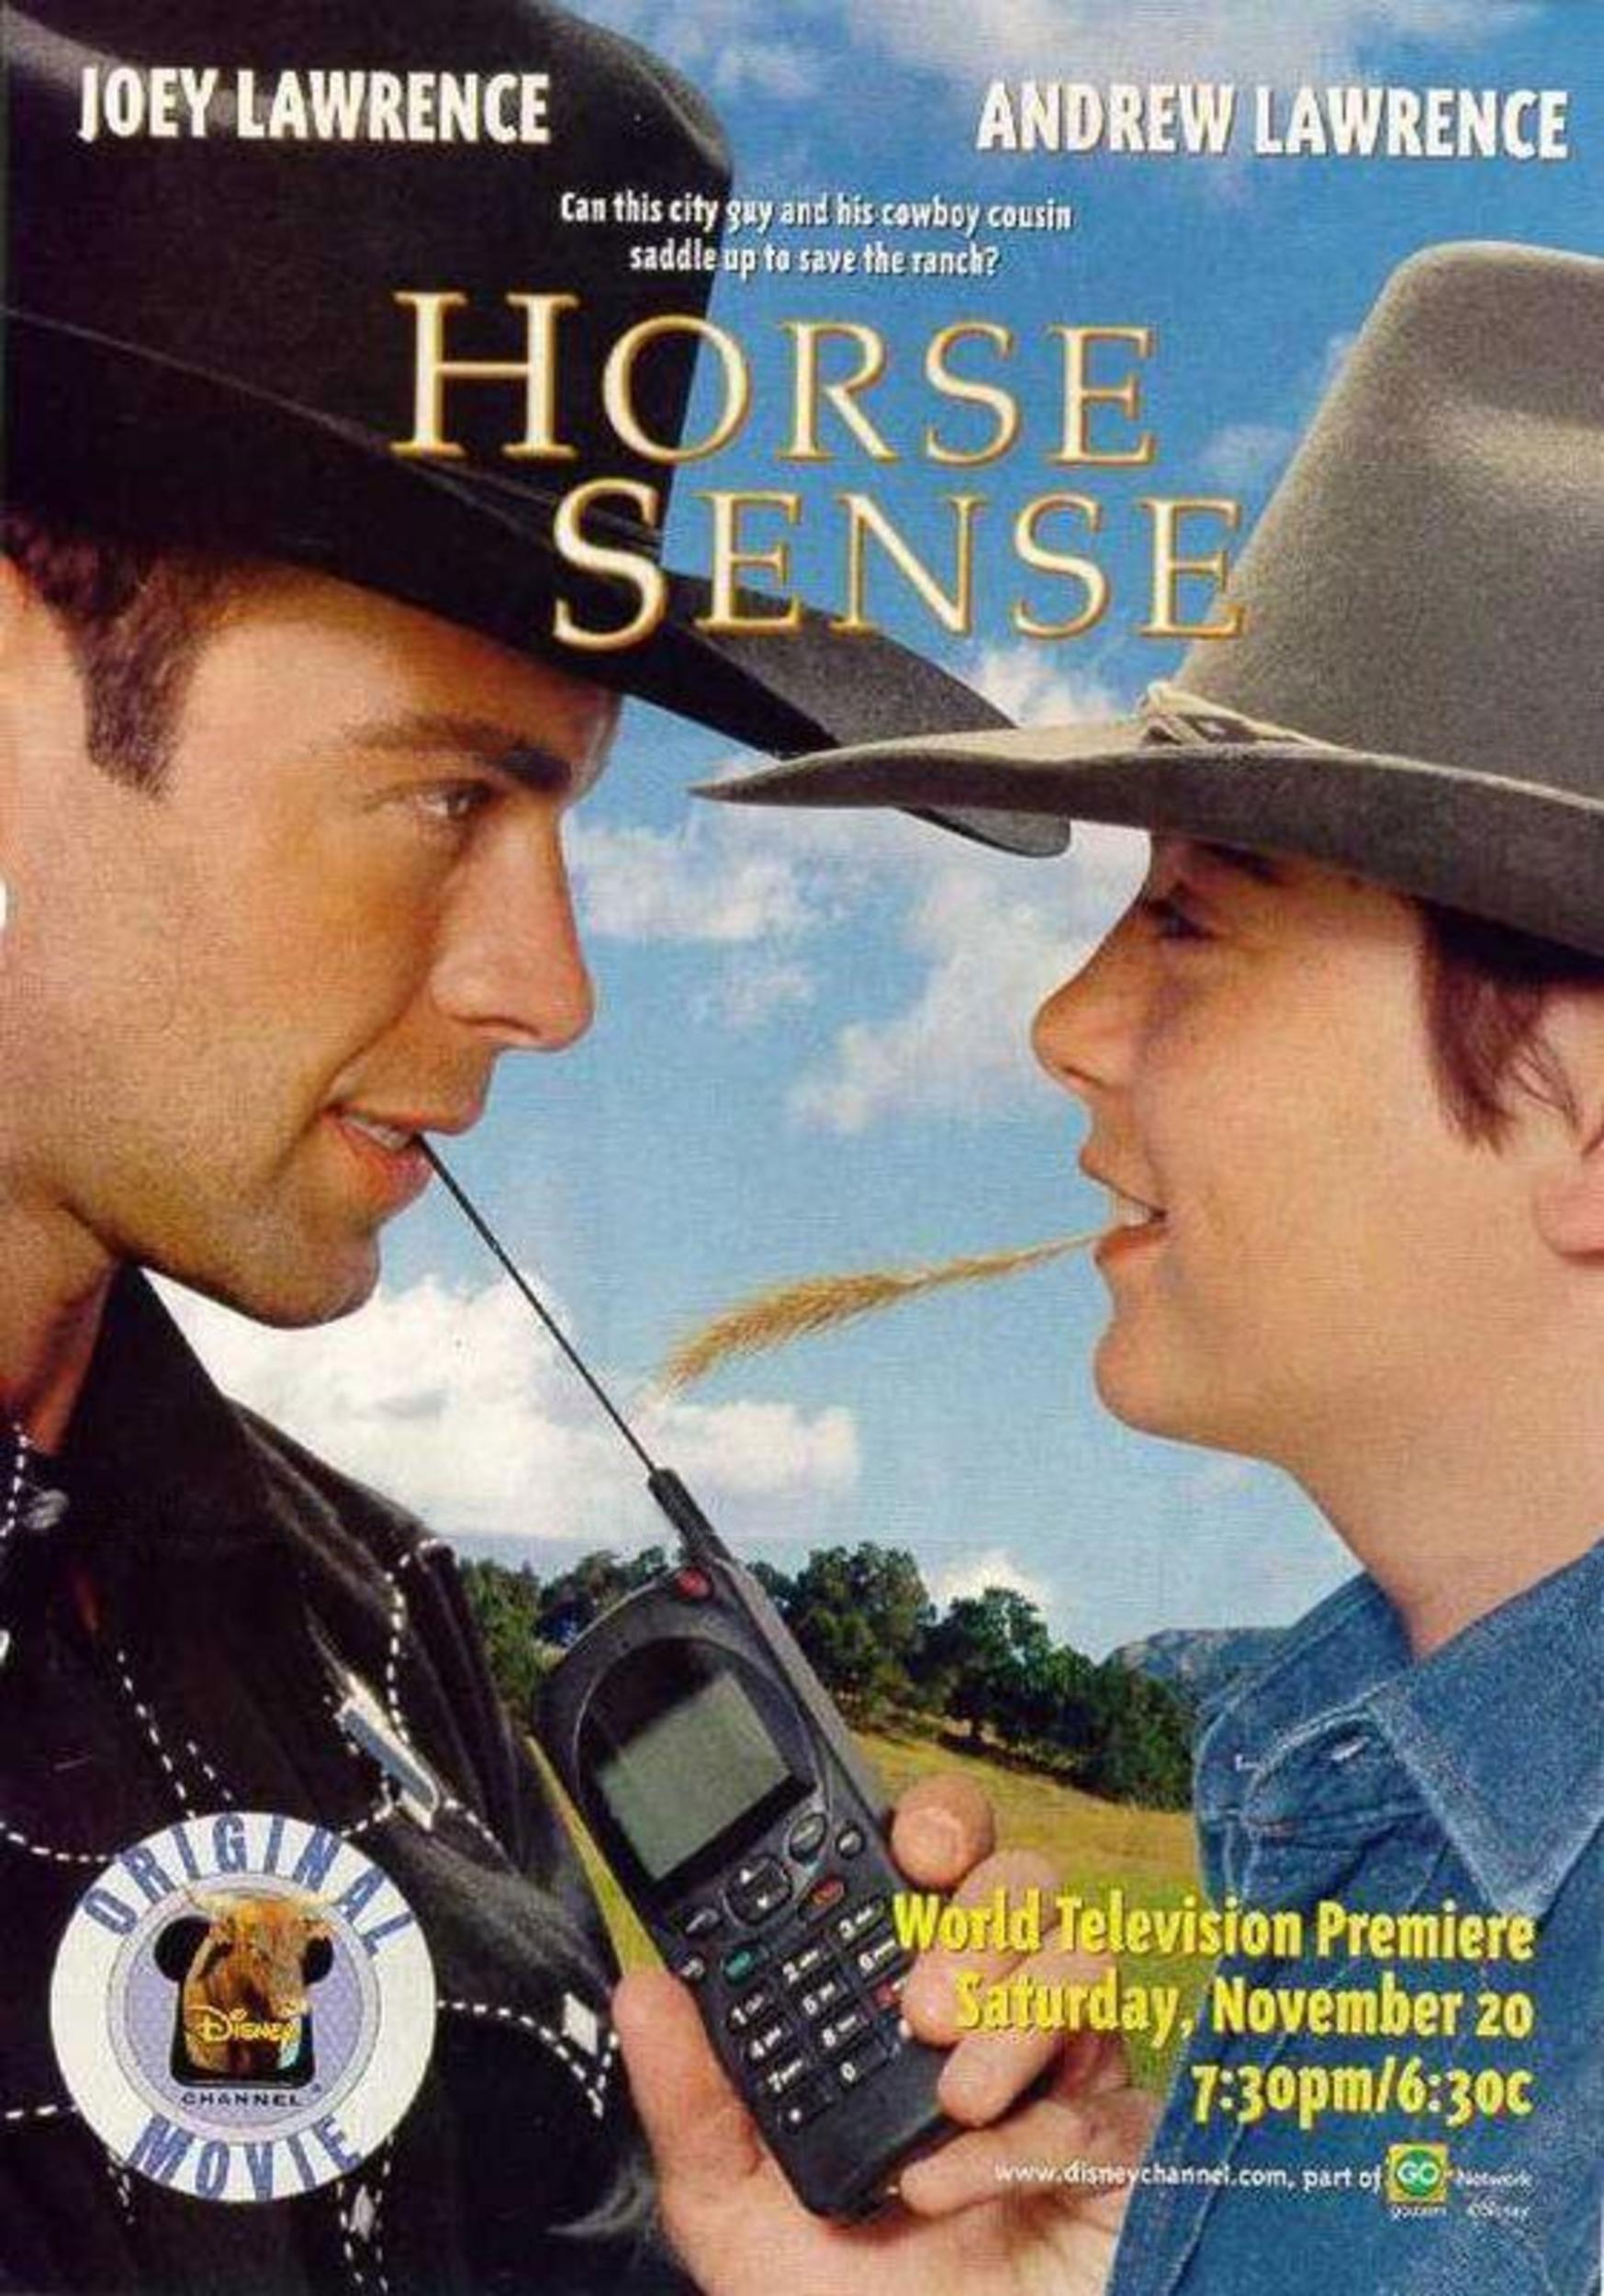 Affiche poster ranch bonheur horse sense disney channel